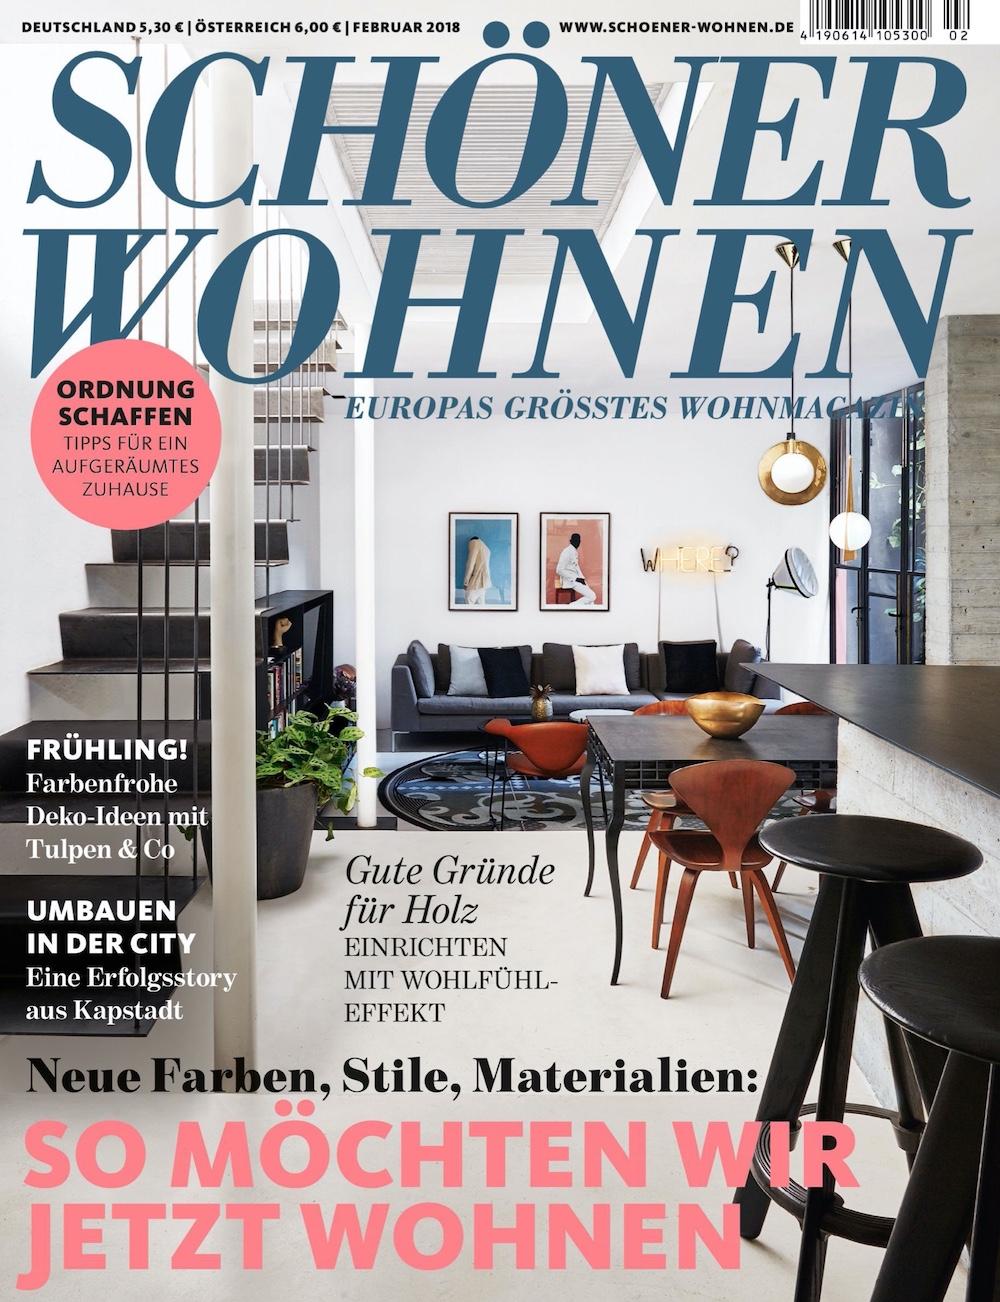 Schöner Wohnen 2018-02